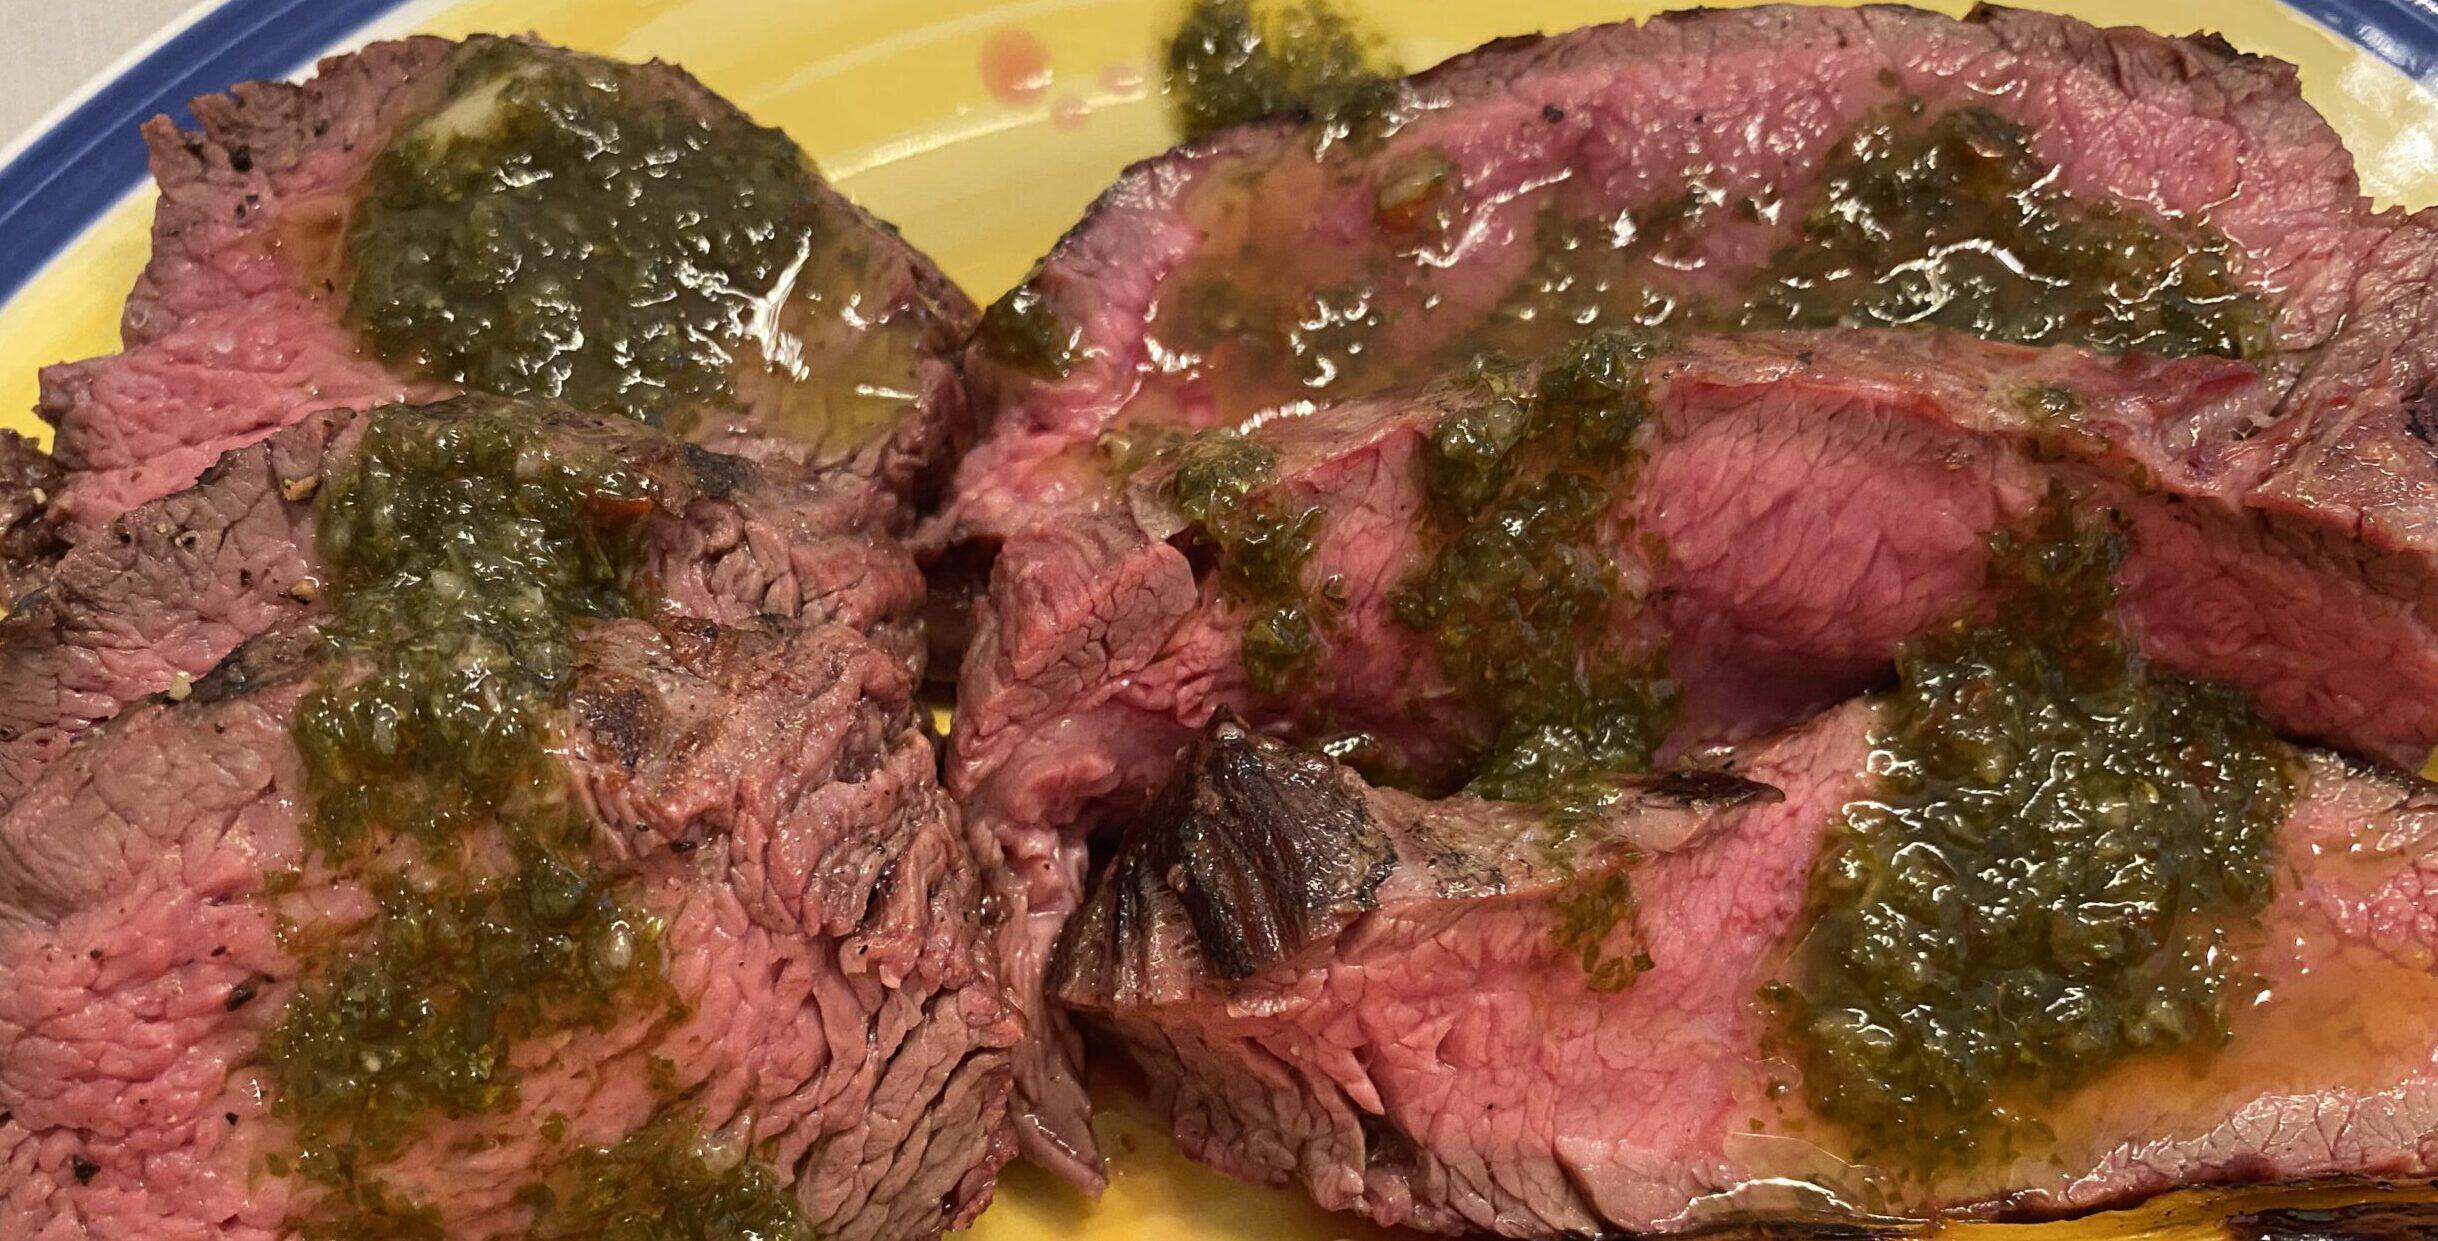 Petite tenderiä, flank steakiä, maminhaa, sisäpaistia ja paahtopaistia